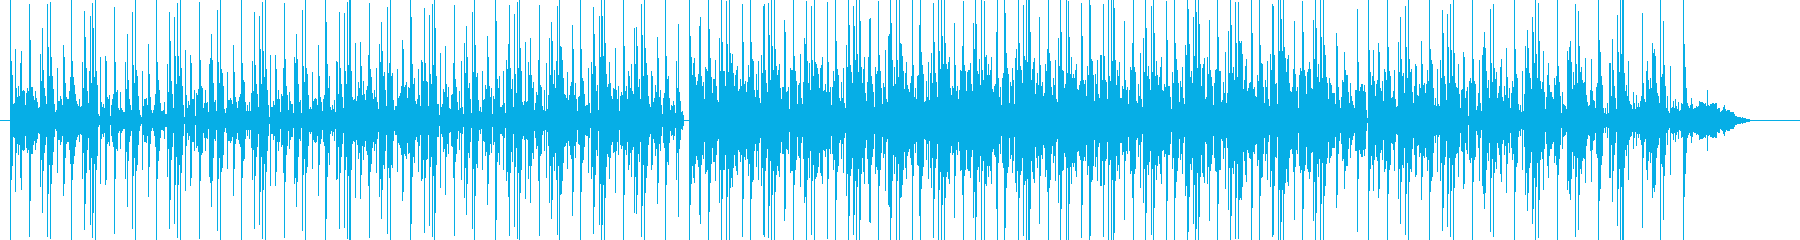 オーガニックなBGMの再生済みの波形